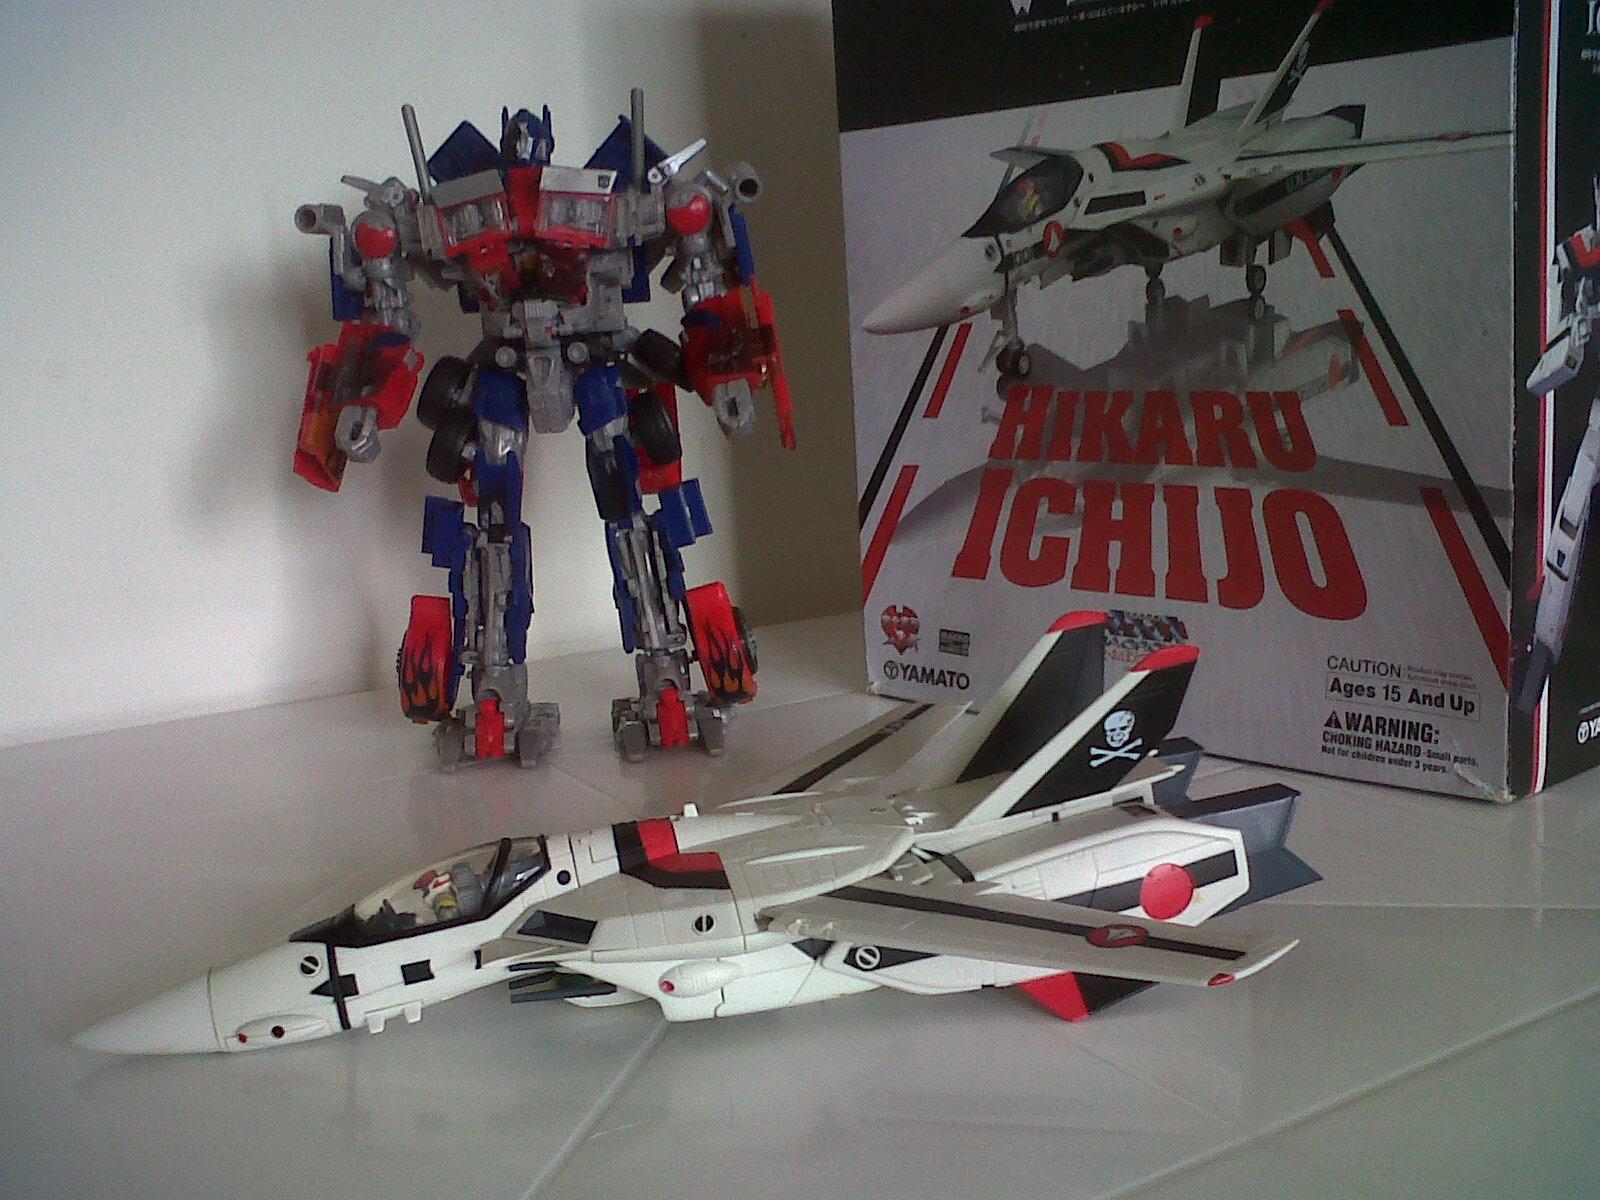 VF - 1S 1/48 Yamato Hikaru Ichijo